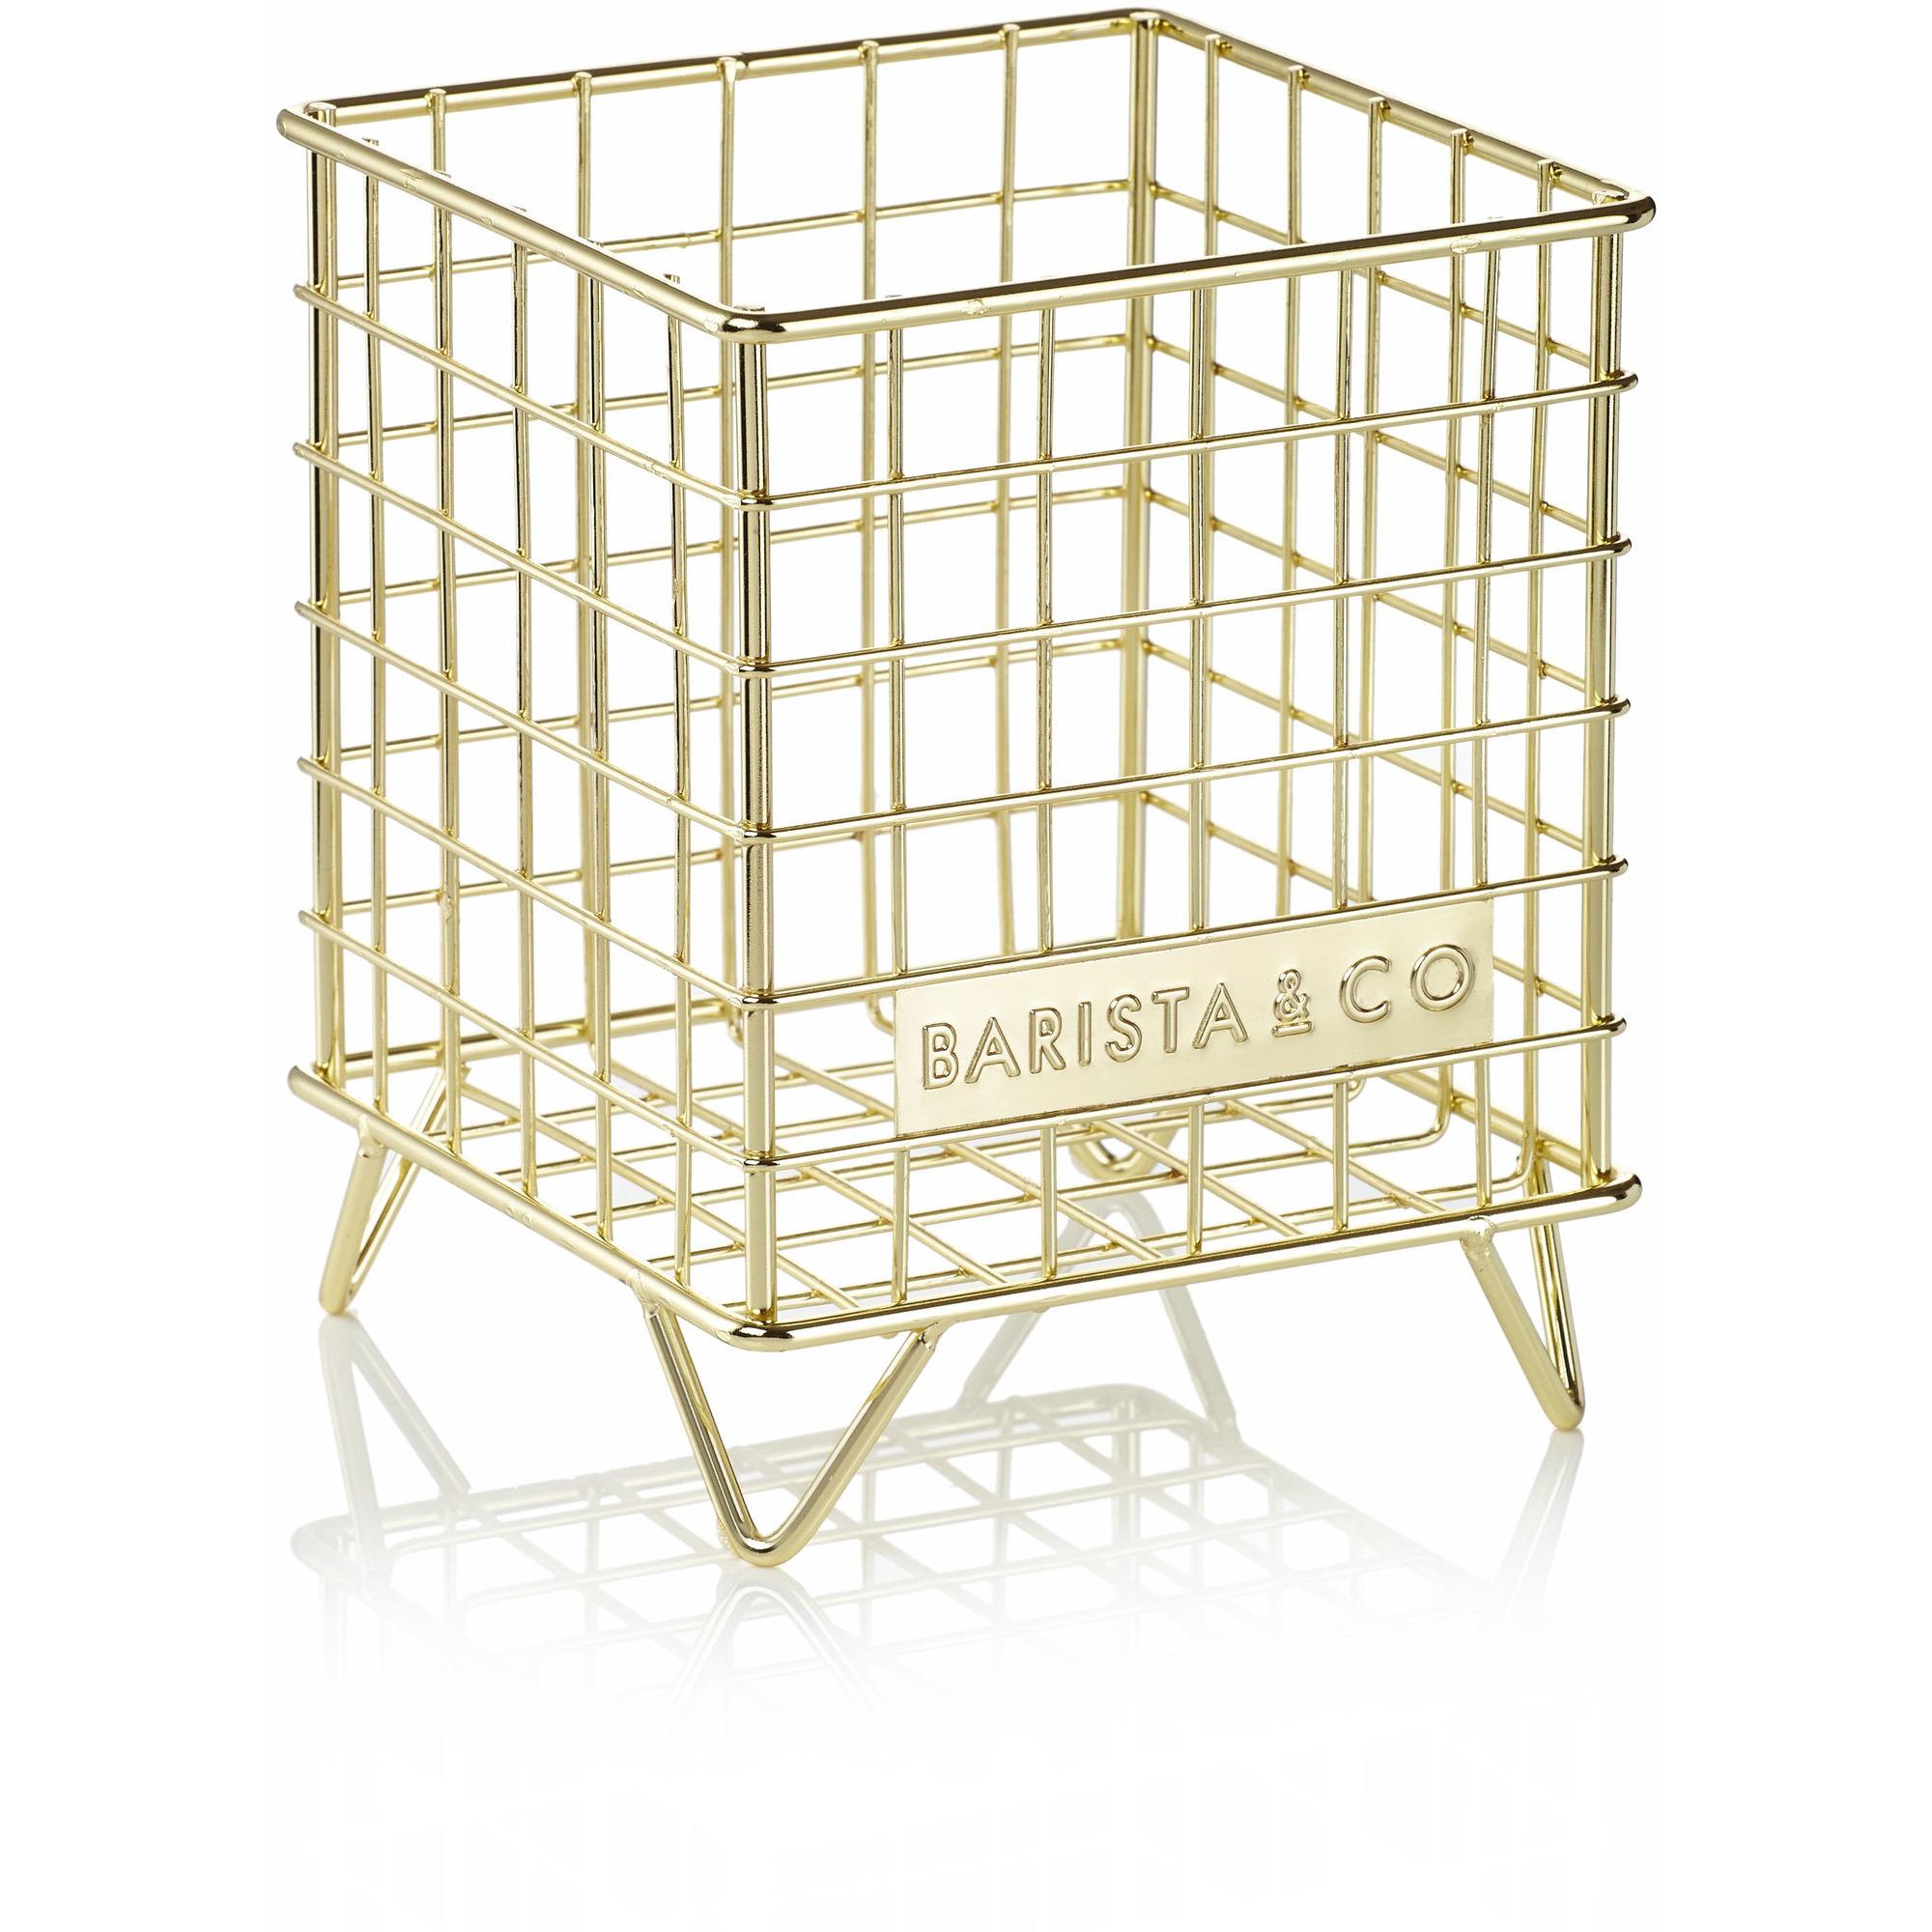 Barista & Co. Trådkorg till kapselförvaring guld